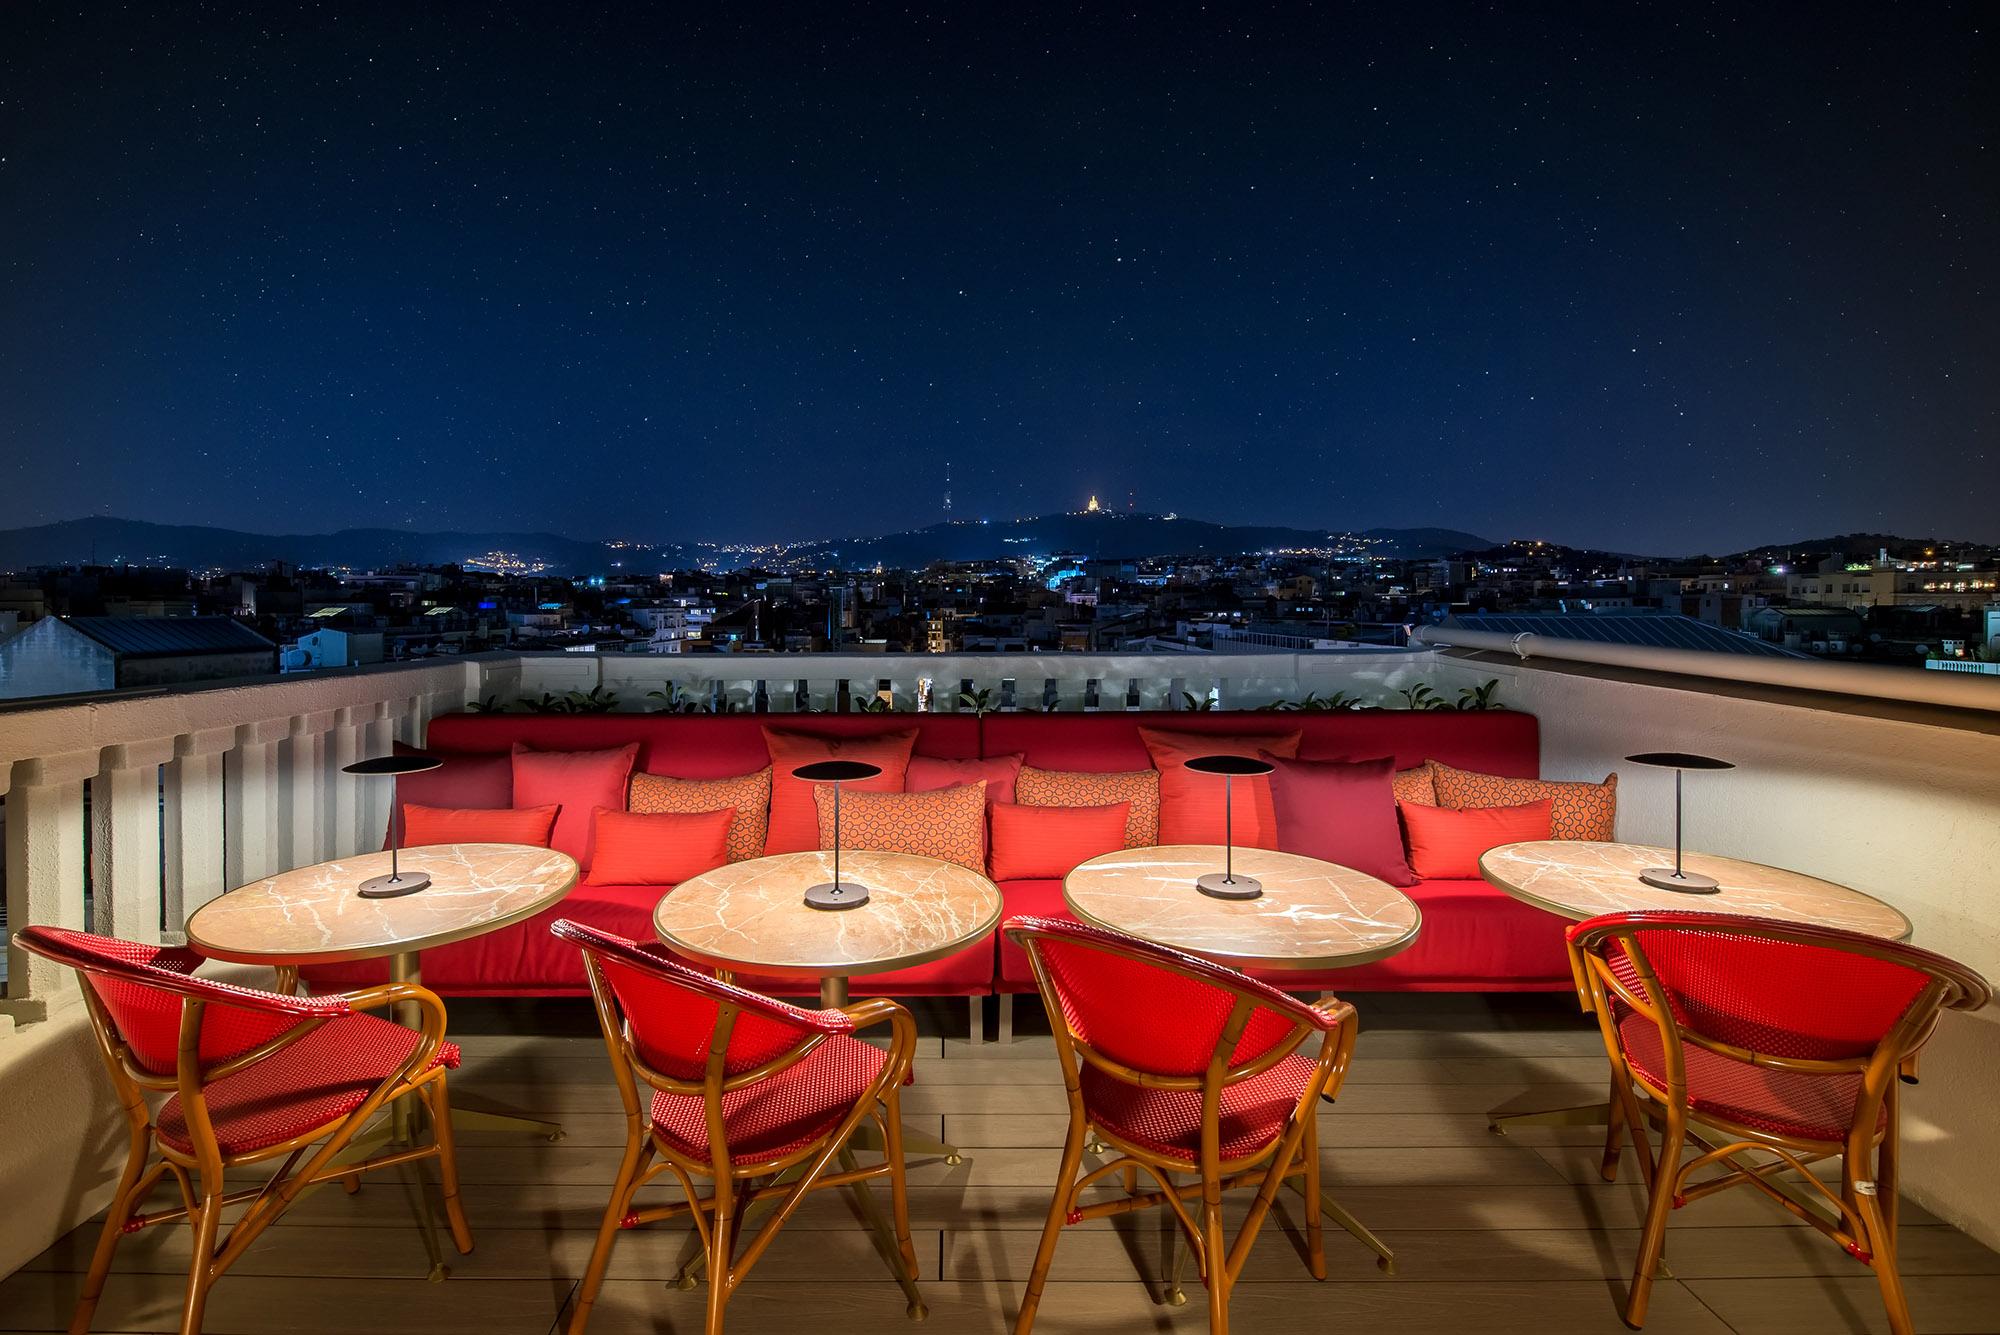 Vincci mae 4 1930s new york style come to barcelona s - Hoteles vincci barcelona ...